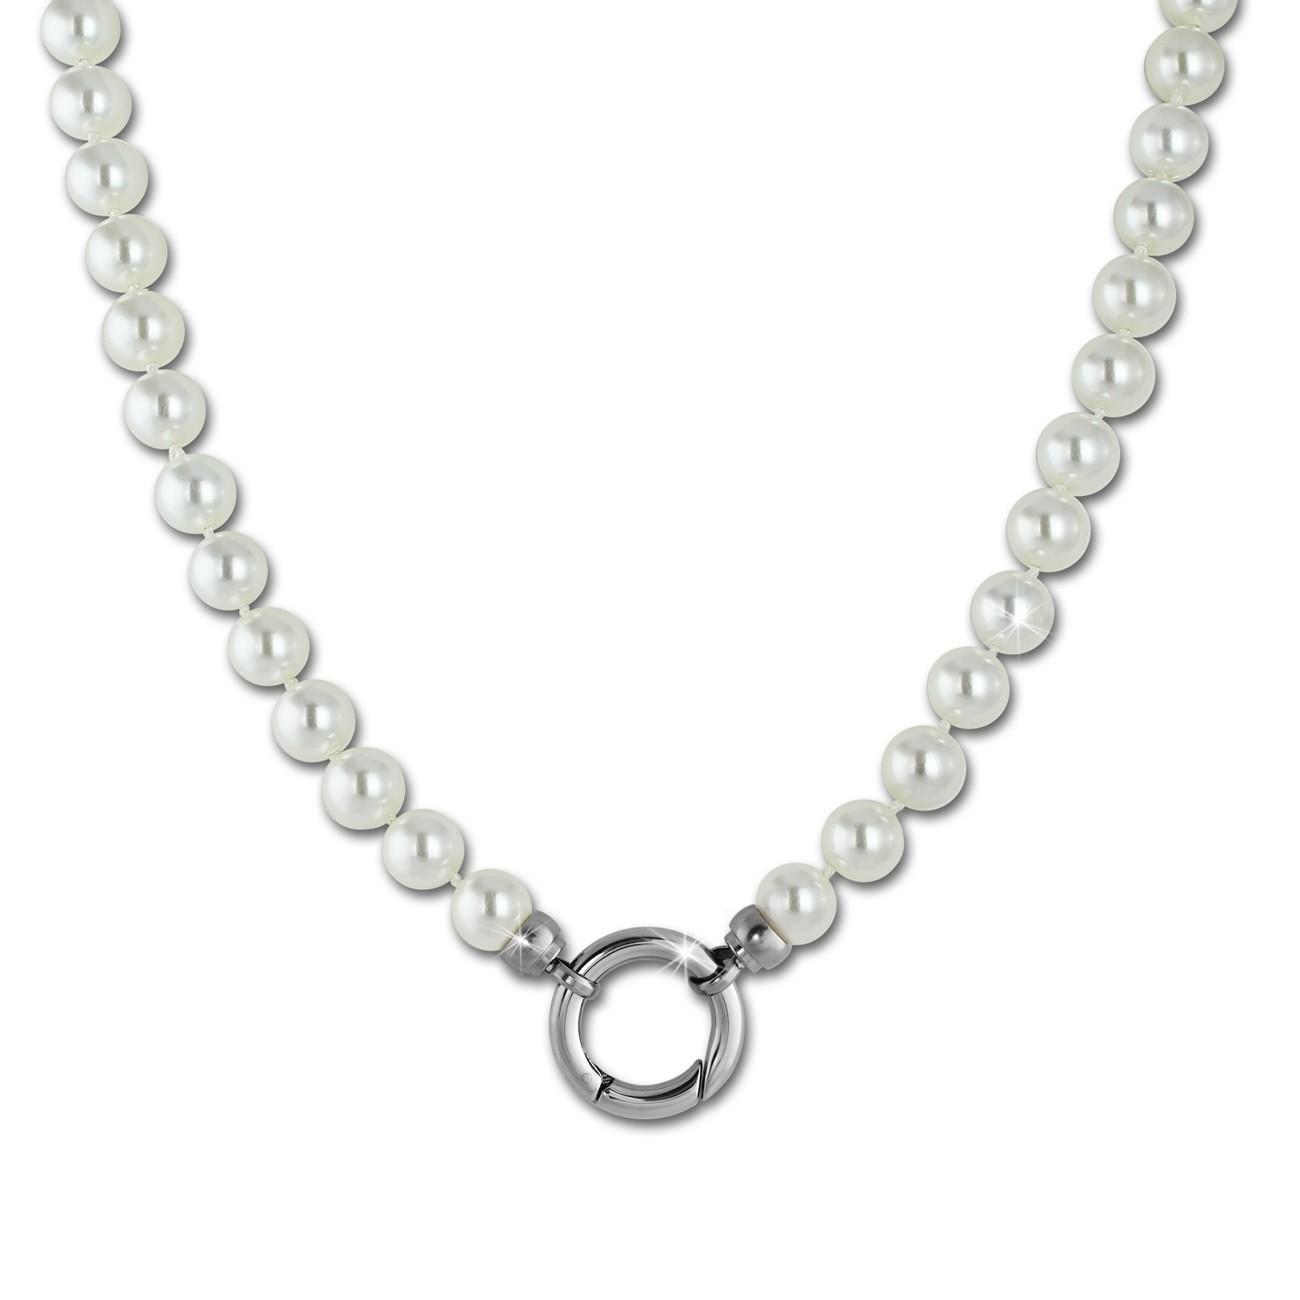 Amello Coinskette Perlen-Kette 80cm perlmutt weiß Edelstahlschmuck ESC112W